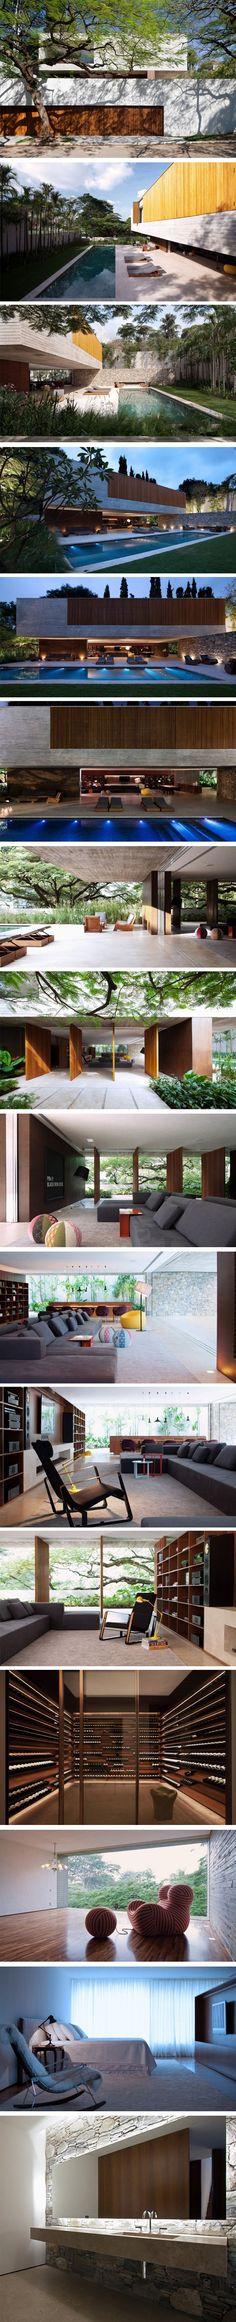 Ipês House par StudioMK27 - Journal du Design